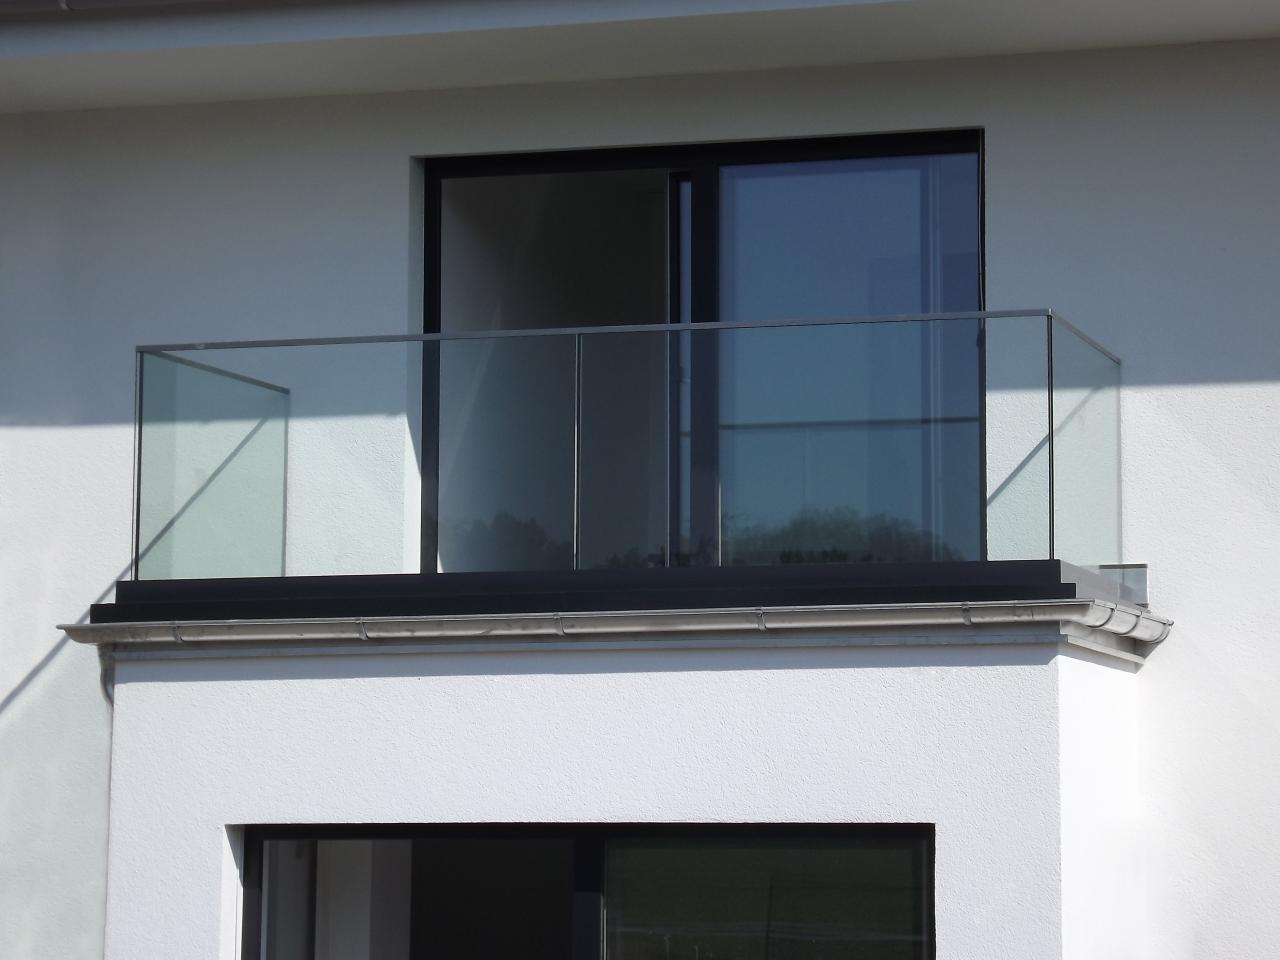 balkongeländer glas vorschriften